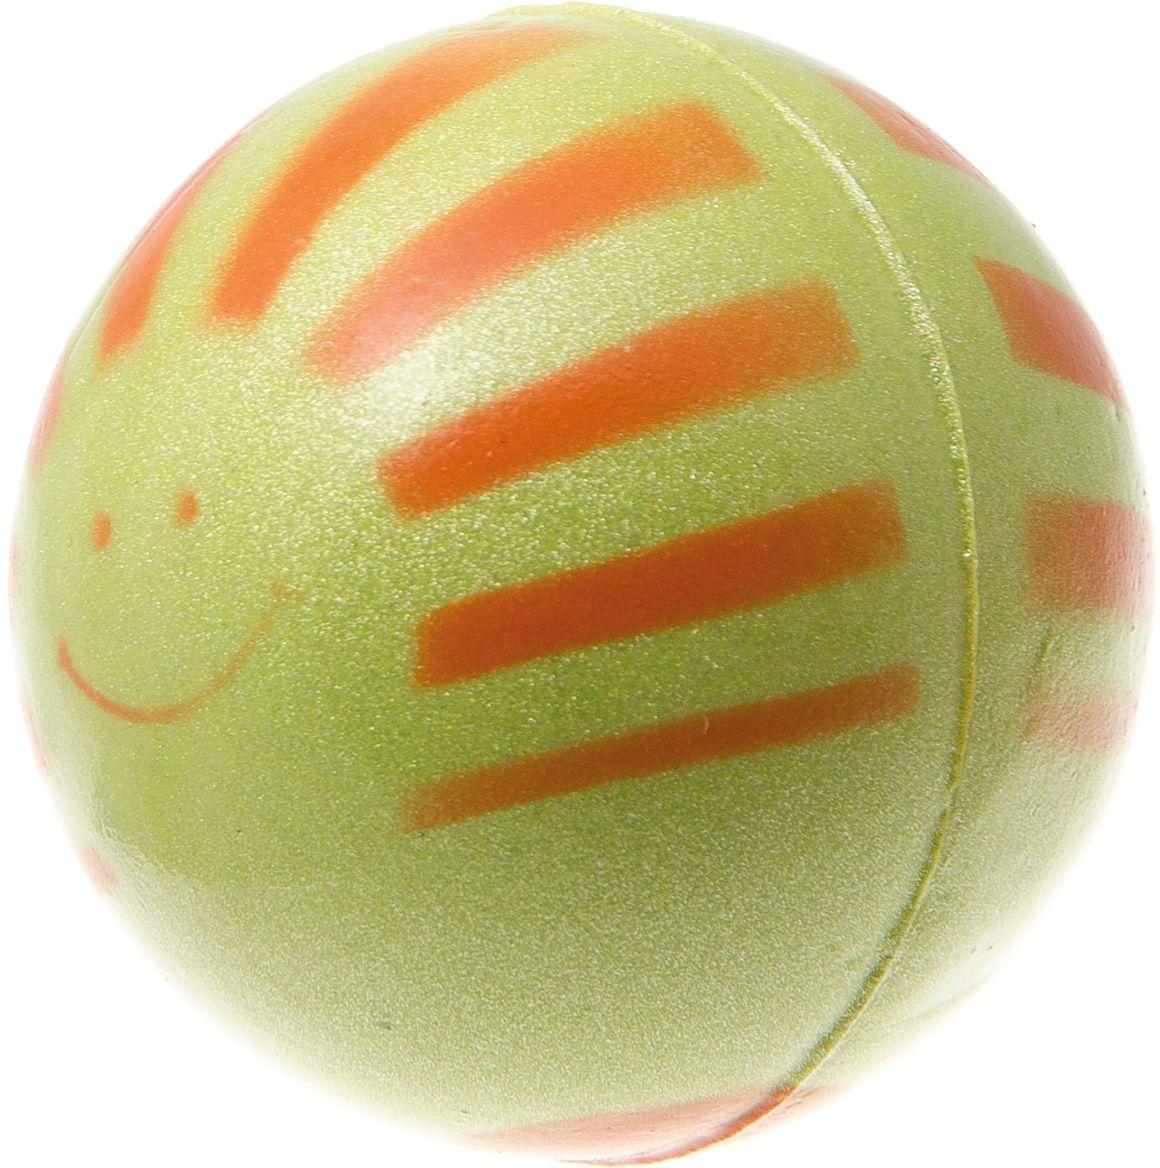 Мяч V.I.Pet Солнце, цвет: желтый, 63 мм. 20-111720-1117